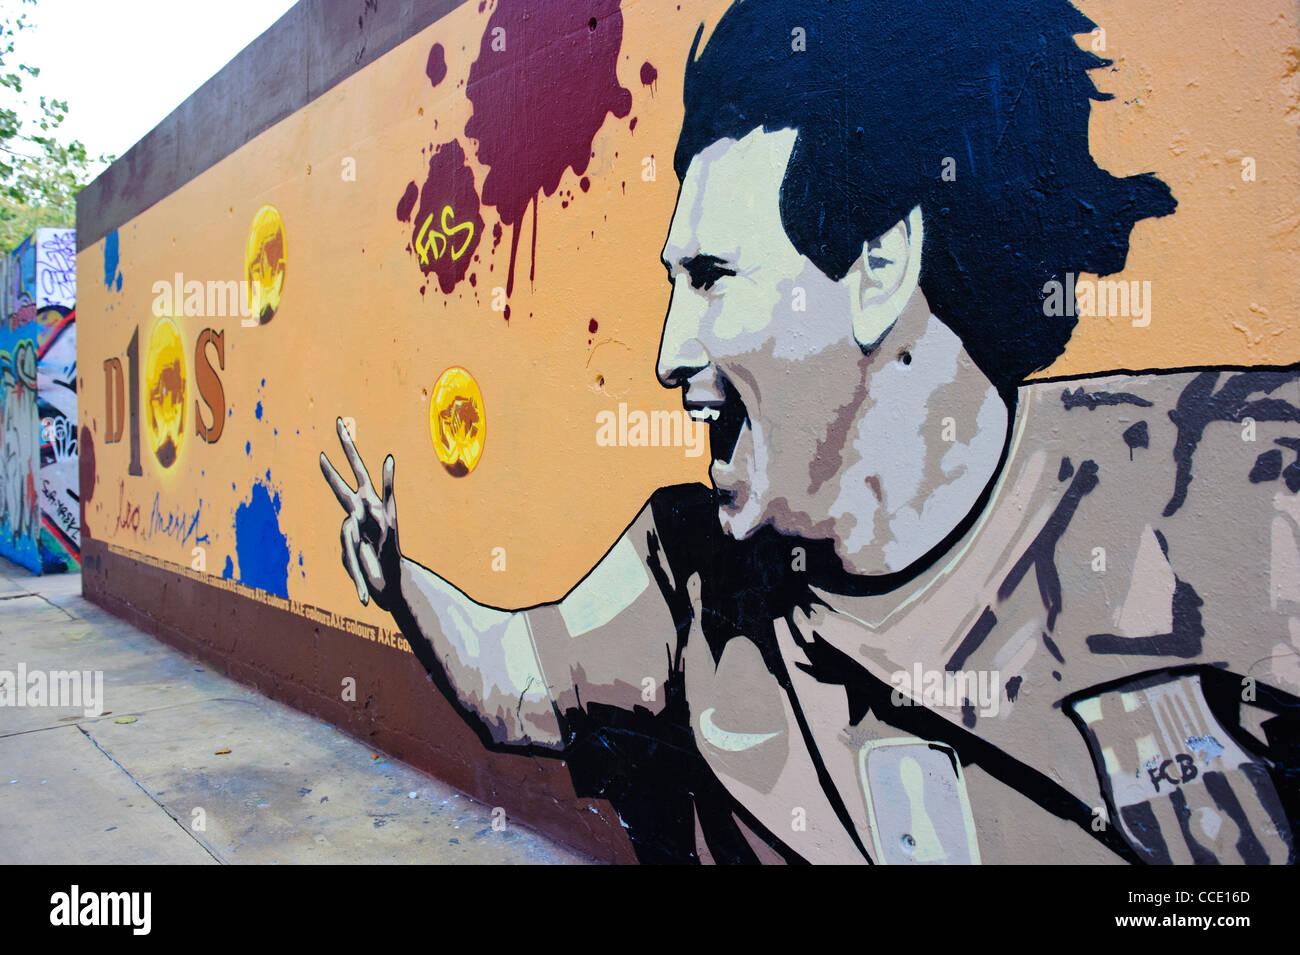 Graffiti wall barcelona - Lionel Messi Graffiti Tribute Wall In Barcelona Spain